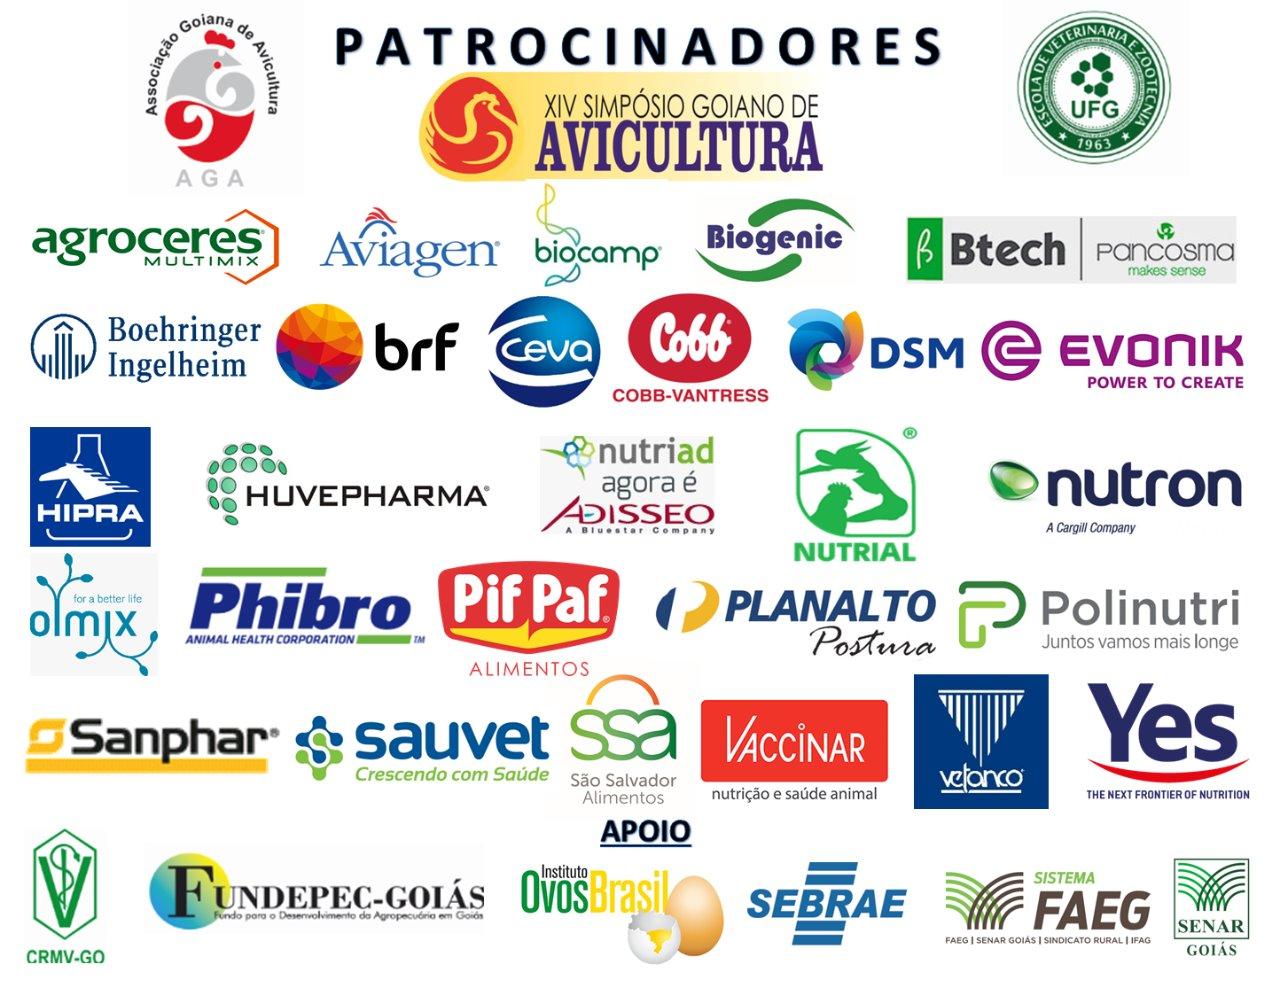 Programação técnica do XIV Simpósio Goiano de Avicultura atende necessidades da avicultura regional e nacional